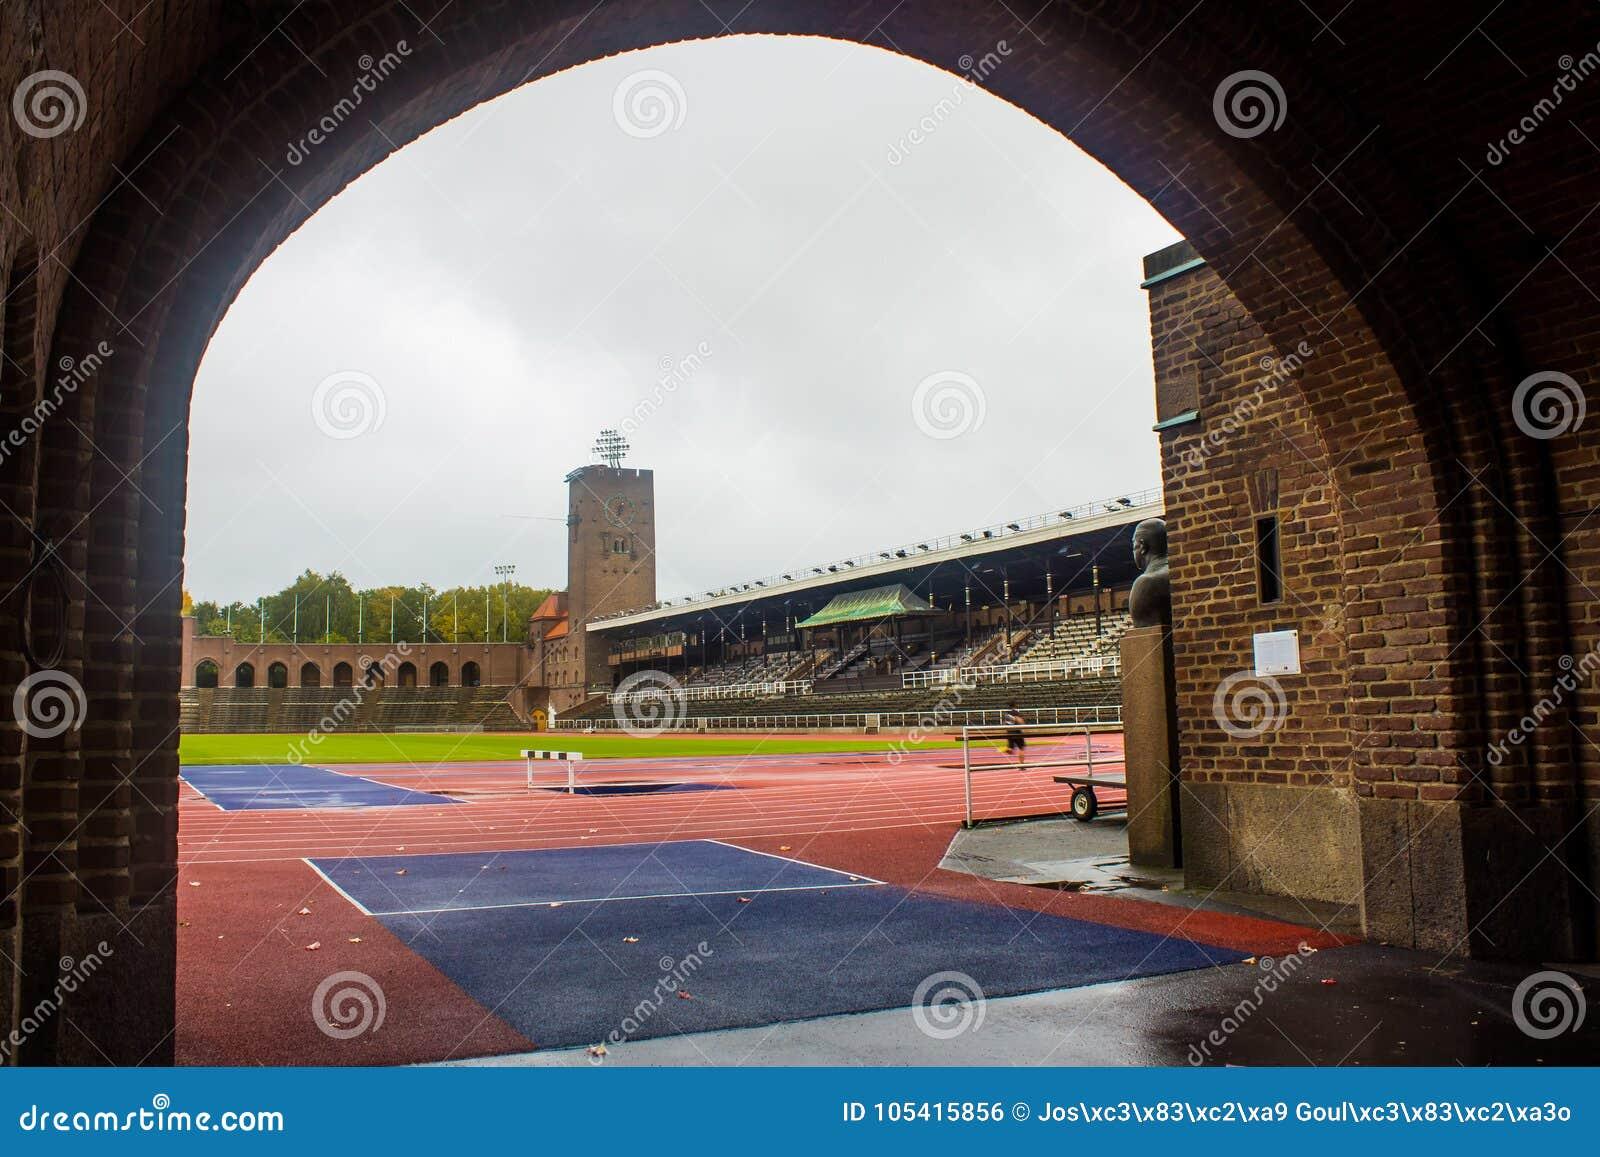 Stockholm Olympic Stadium: partisk sikt från maratonporten